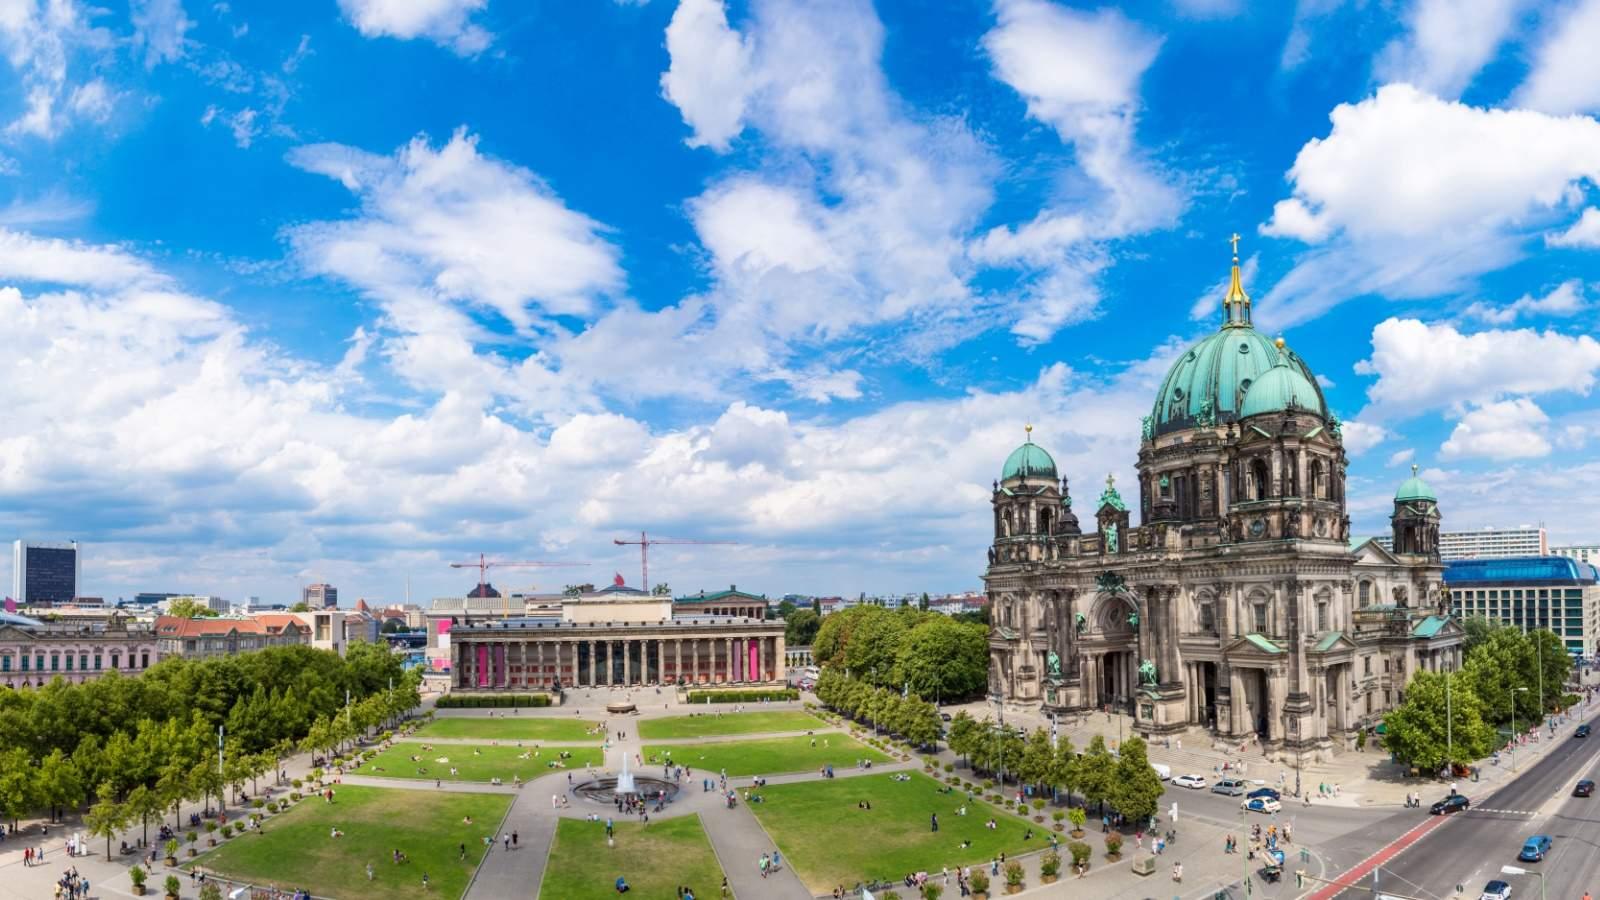 Avio Karta Berlin.Avio Karte Dream Land Nemacka Berlin Avio Karte Beograd Berlin